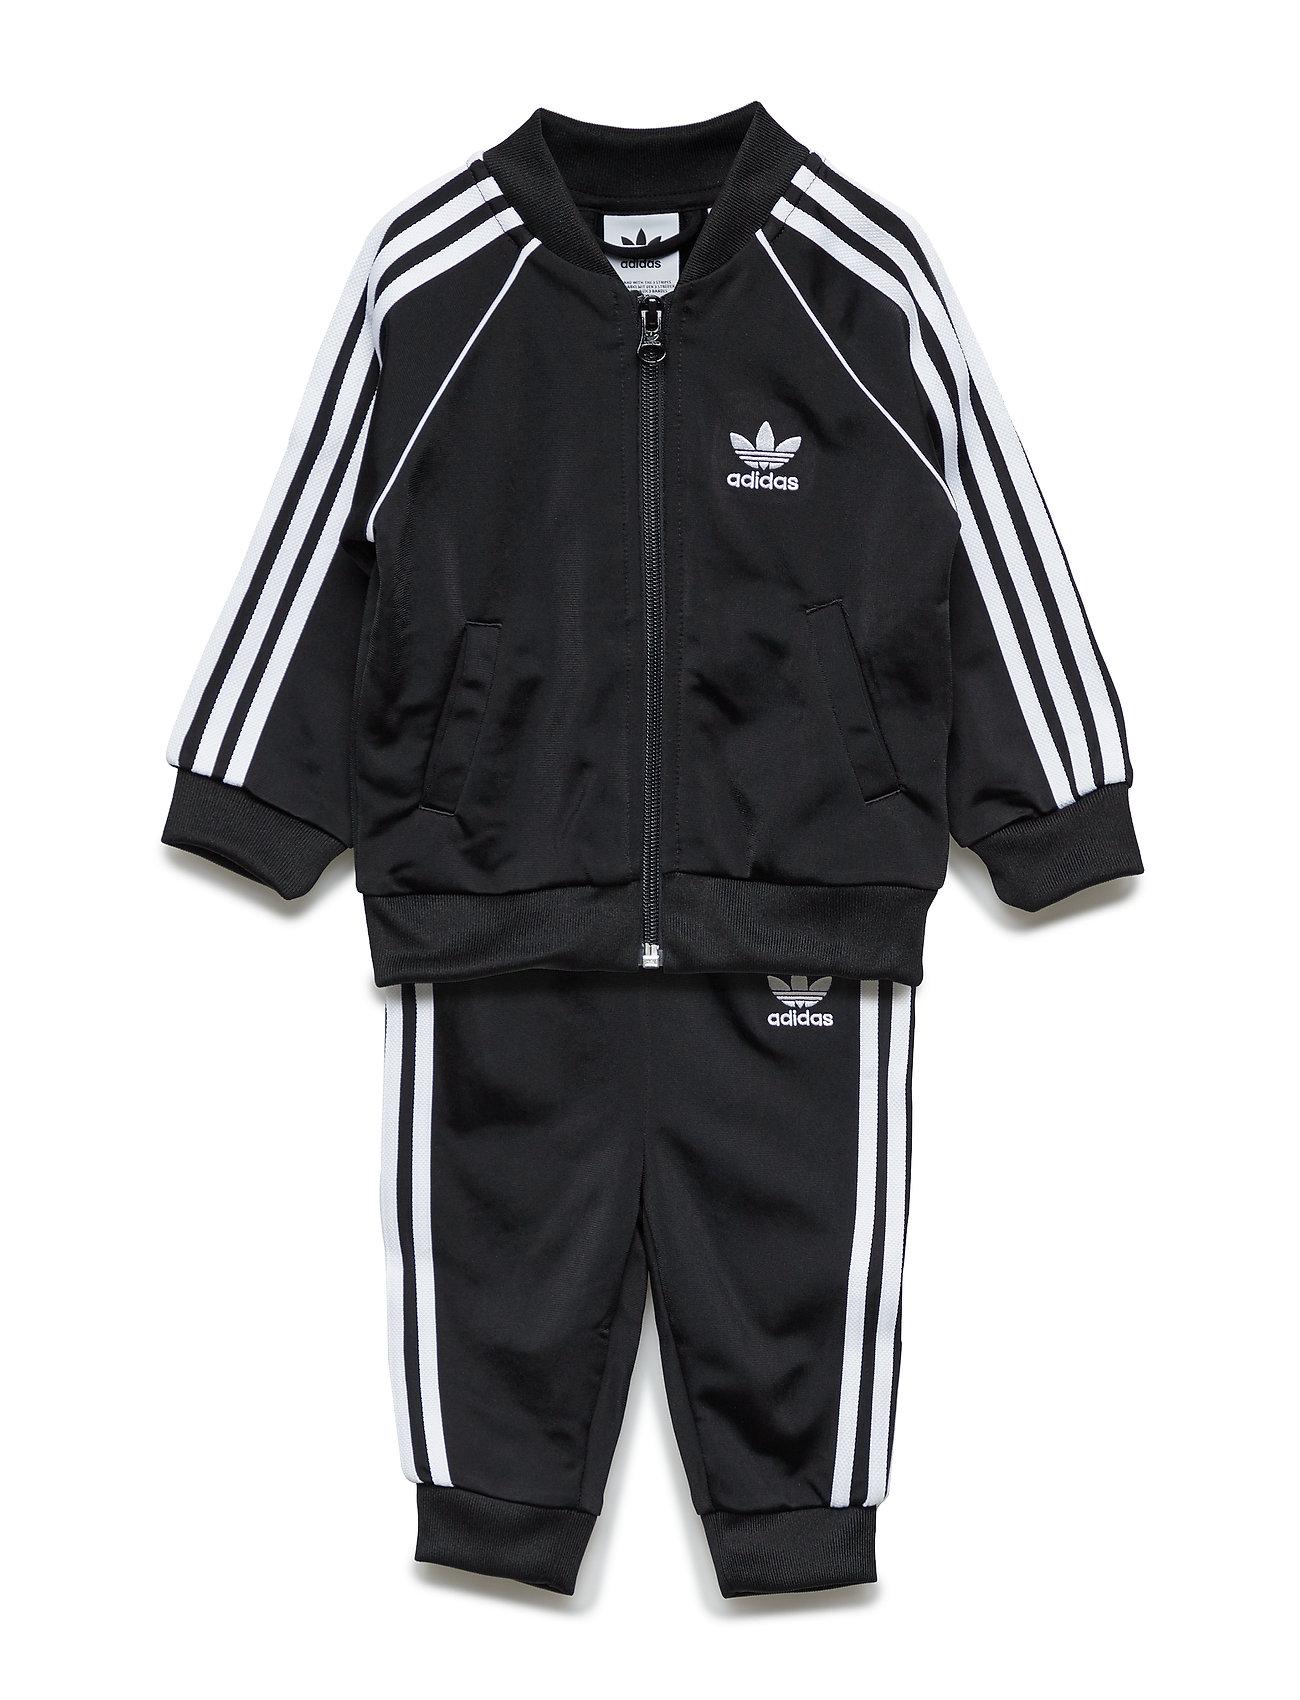 55f39440 Sort Adidas Superstar Suit træningsshorts for børn - Pashion.dk